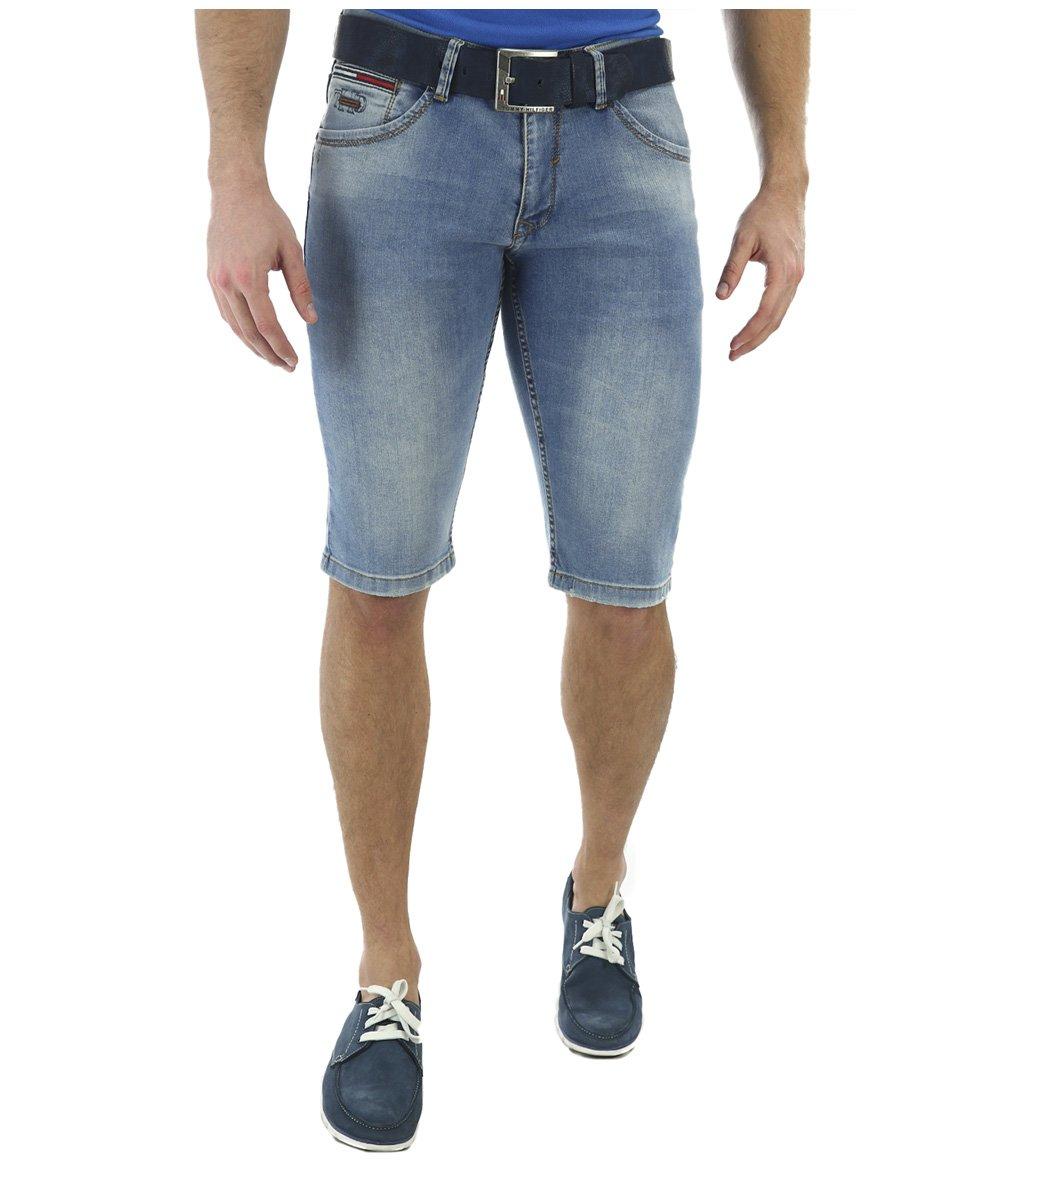 Джинсовые шорты Tommy Hilfiger+ремень - Голубой - Вид 2